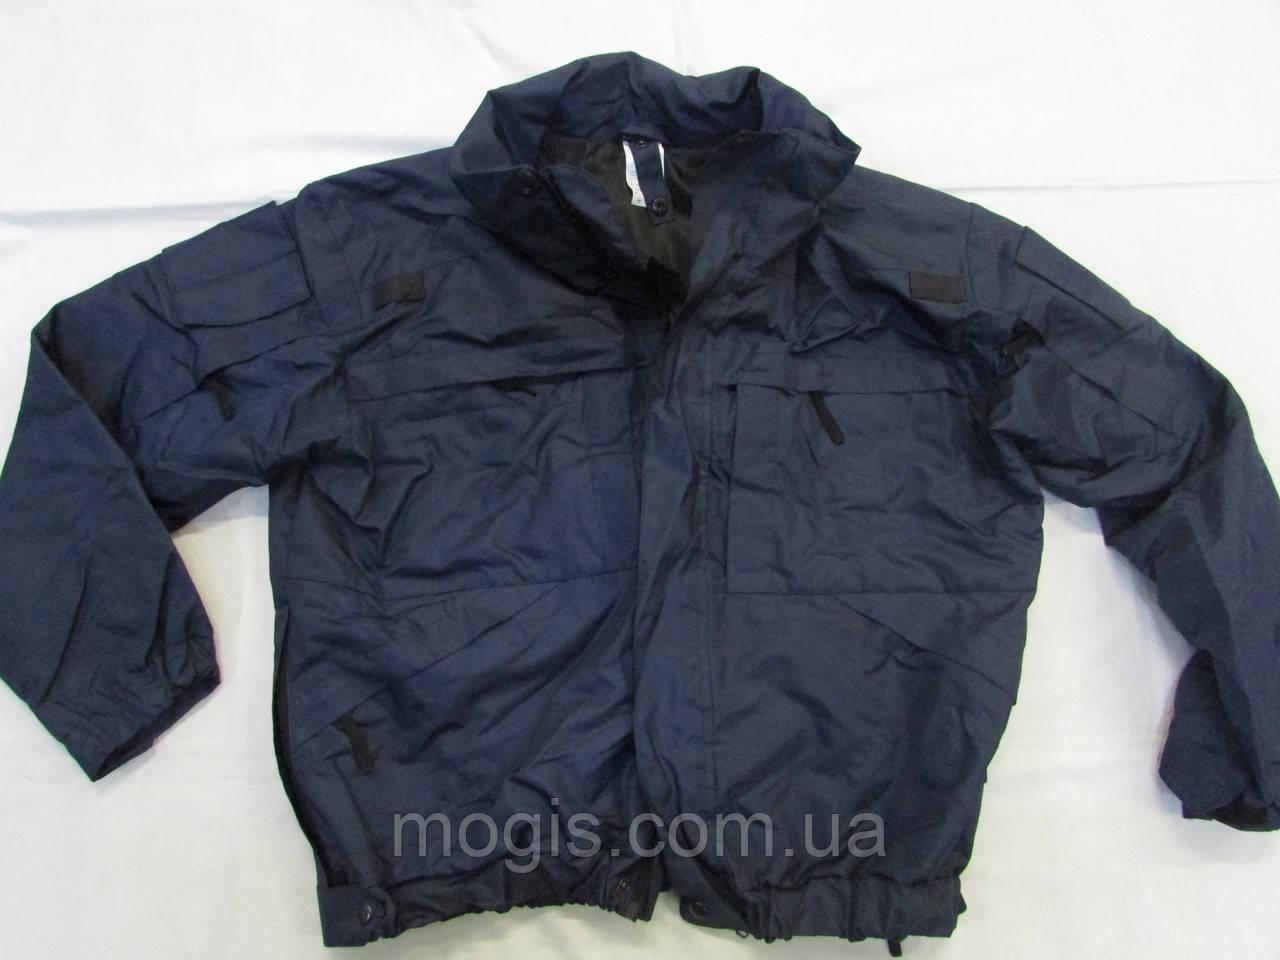 Куртка синяя с флисовой подстежкой